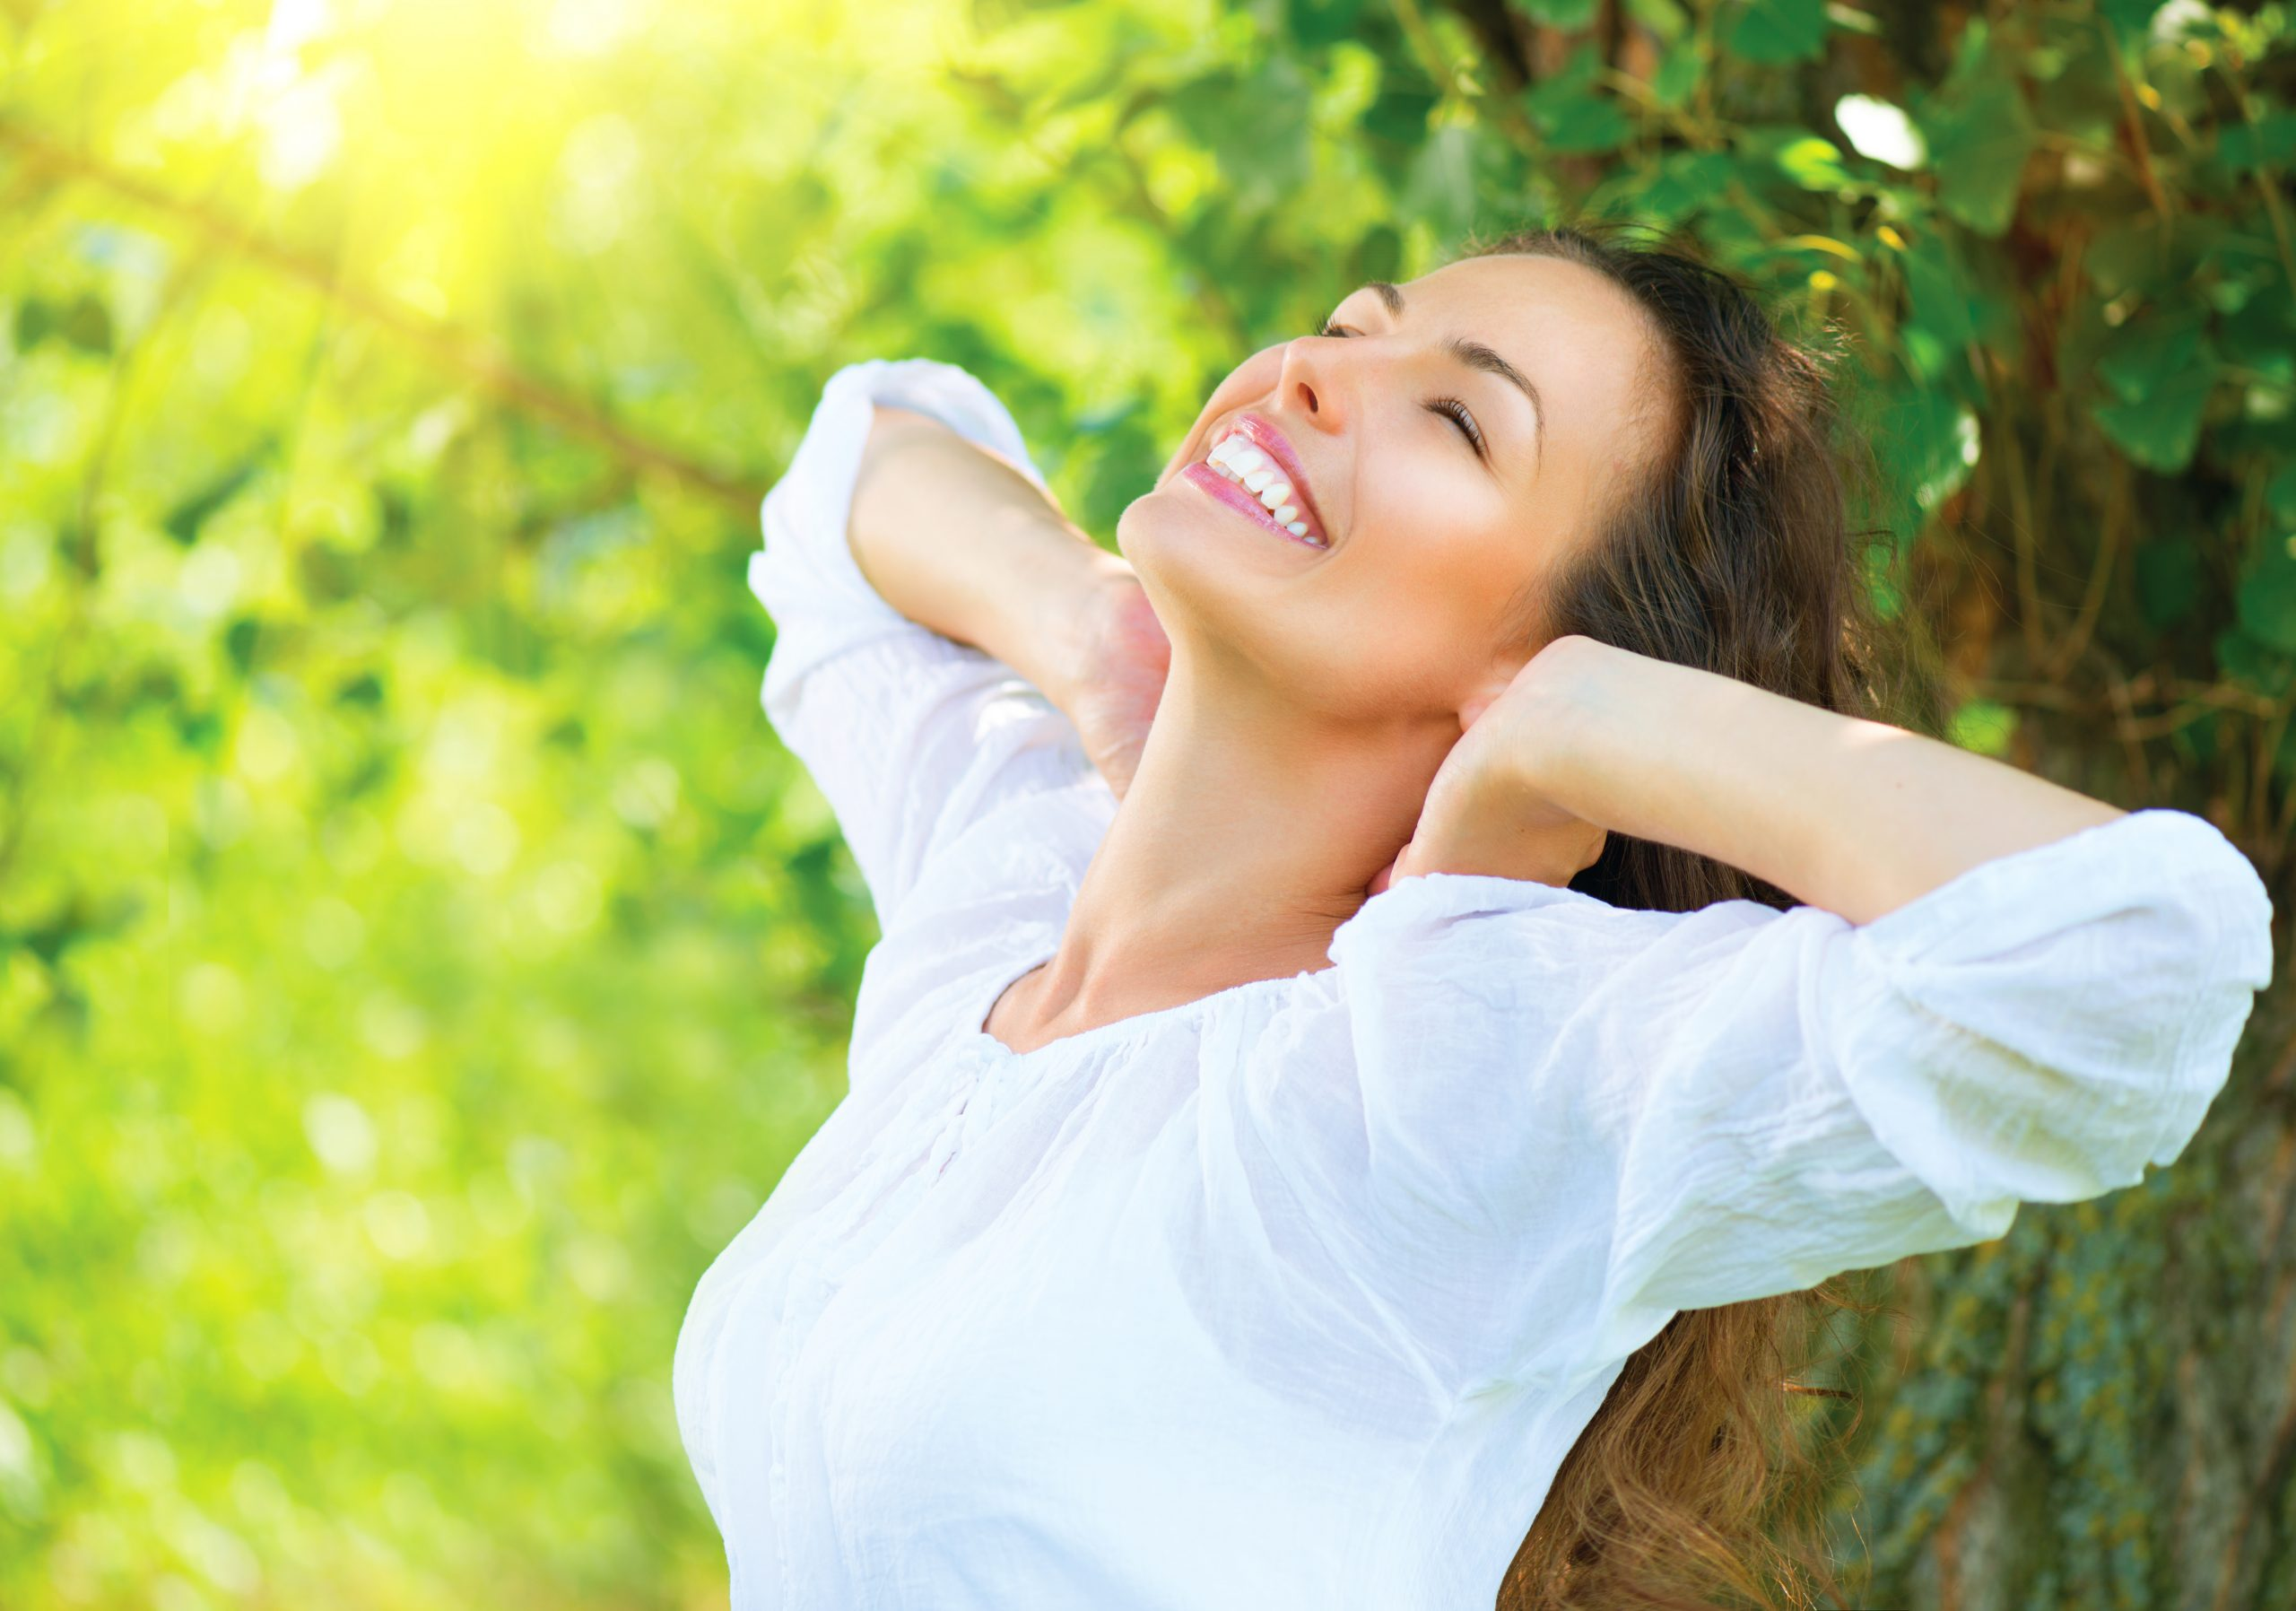 витамины от усталости для женщин